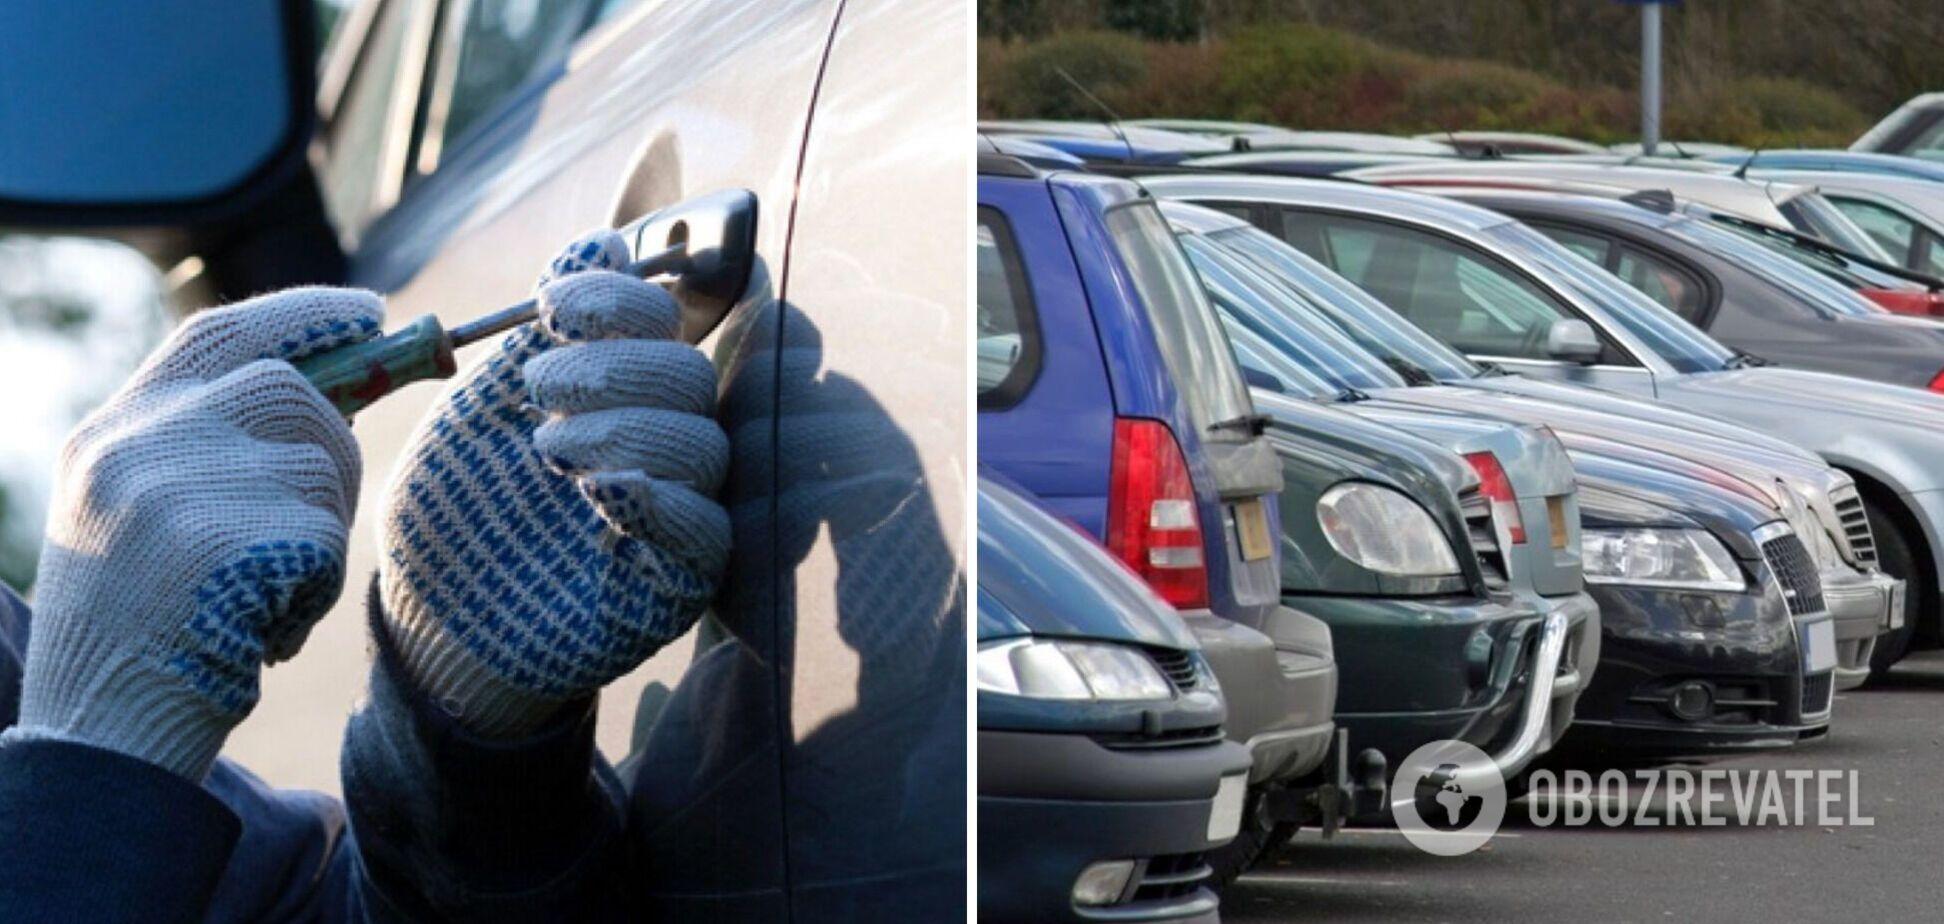 В Україні автозлодії викрадають авто за 30 секунд: як уберегти машину